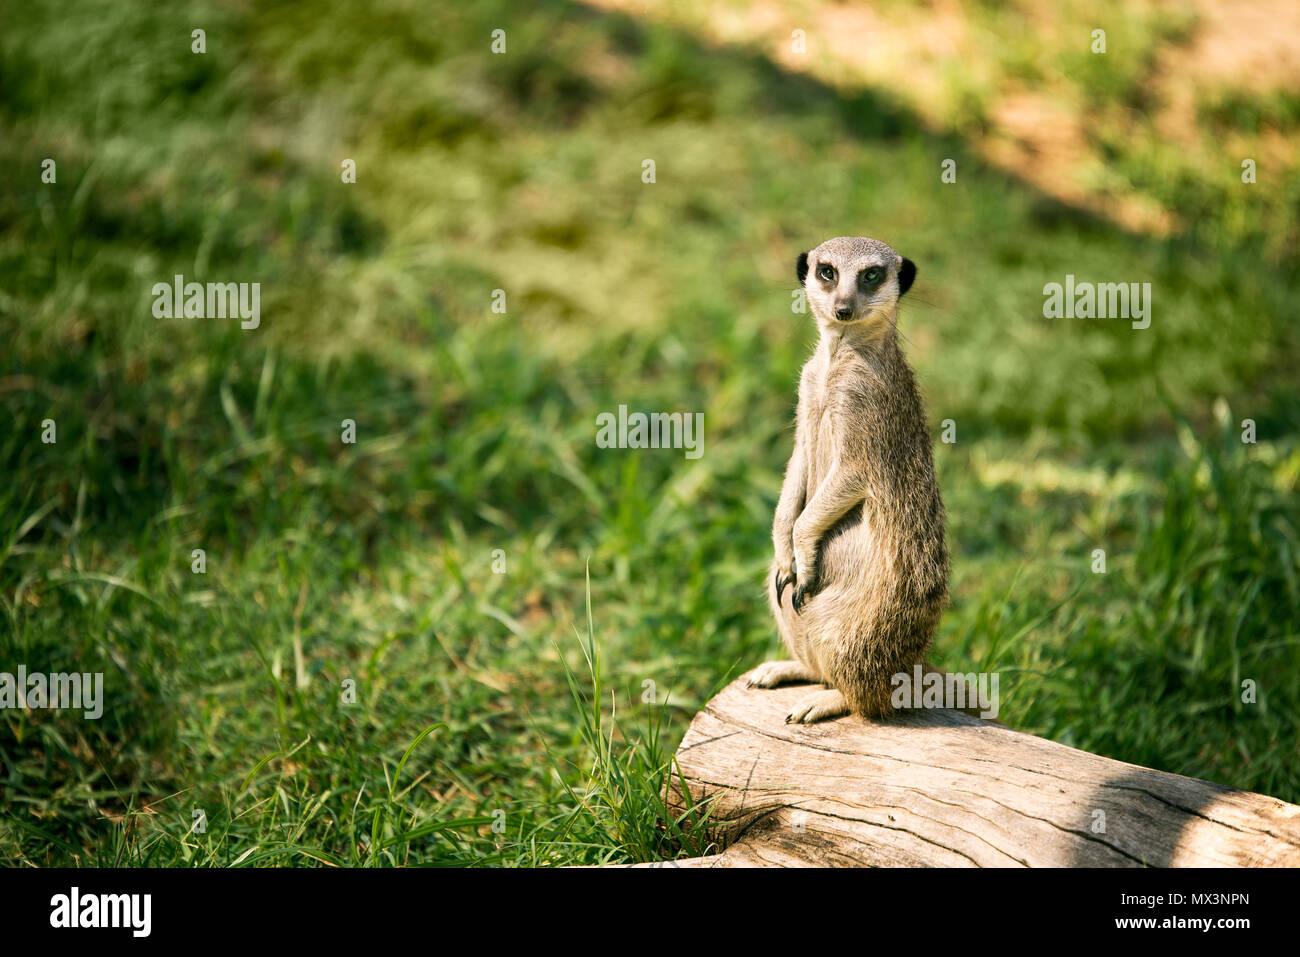 Un meerkat sur une montre dans un pré et à la recherche à l'appareil photo. Photo Stock